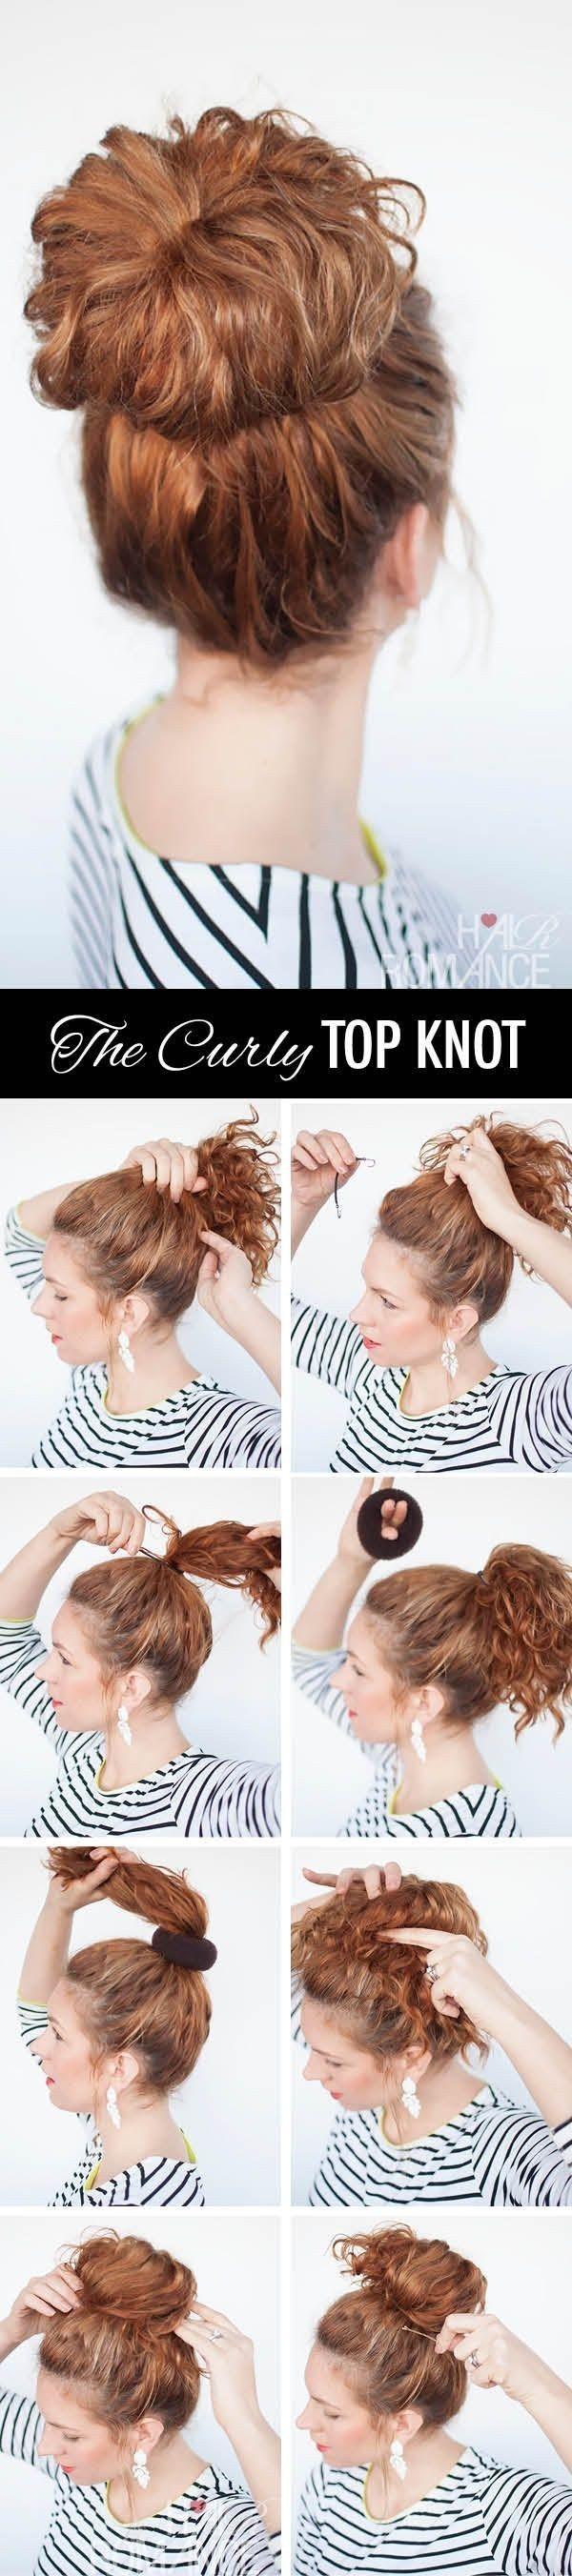 Recoge tu cabello en un moño rizado. | 21 Peinados que puedes hacer en menos de cinco minutos